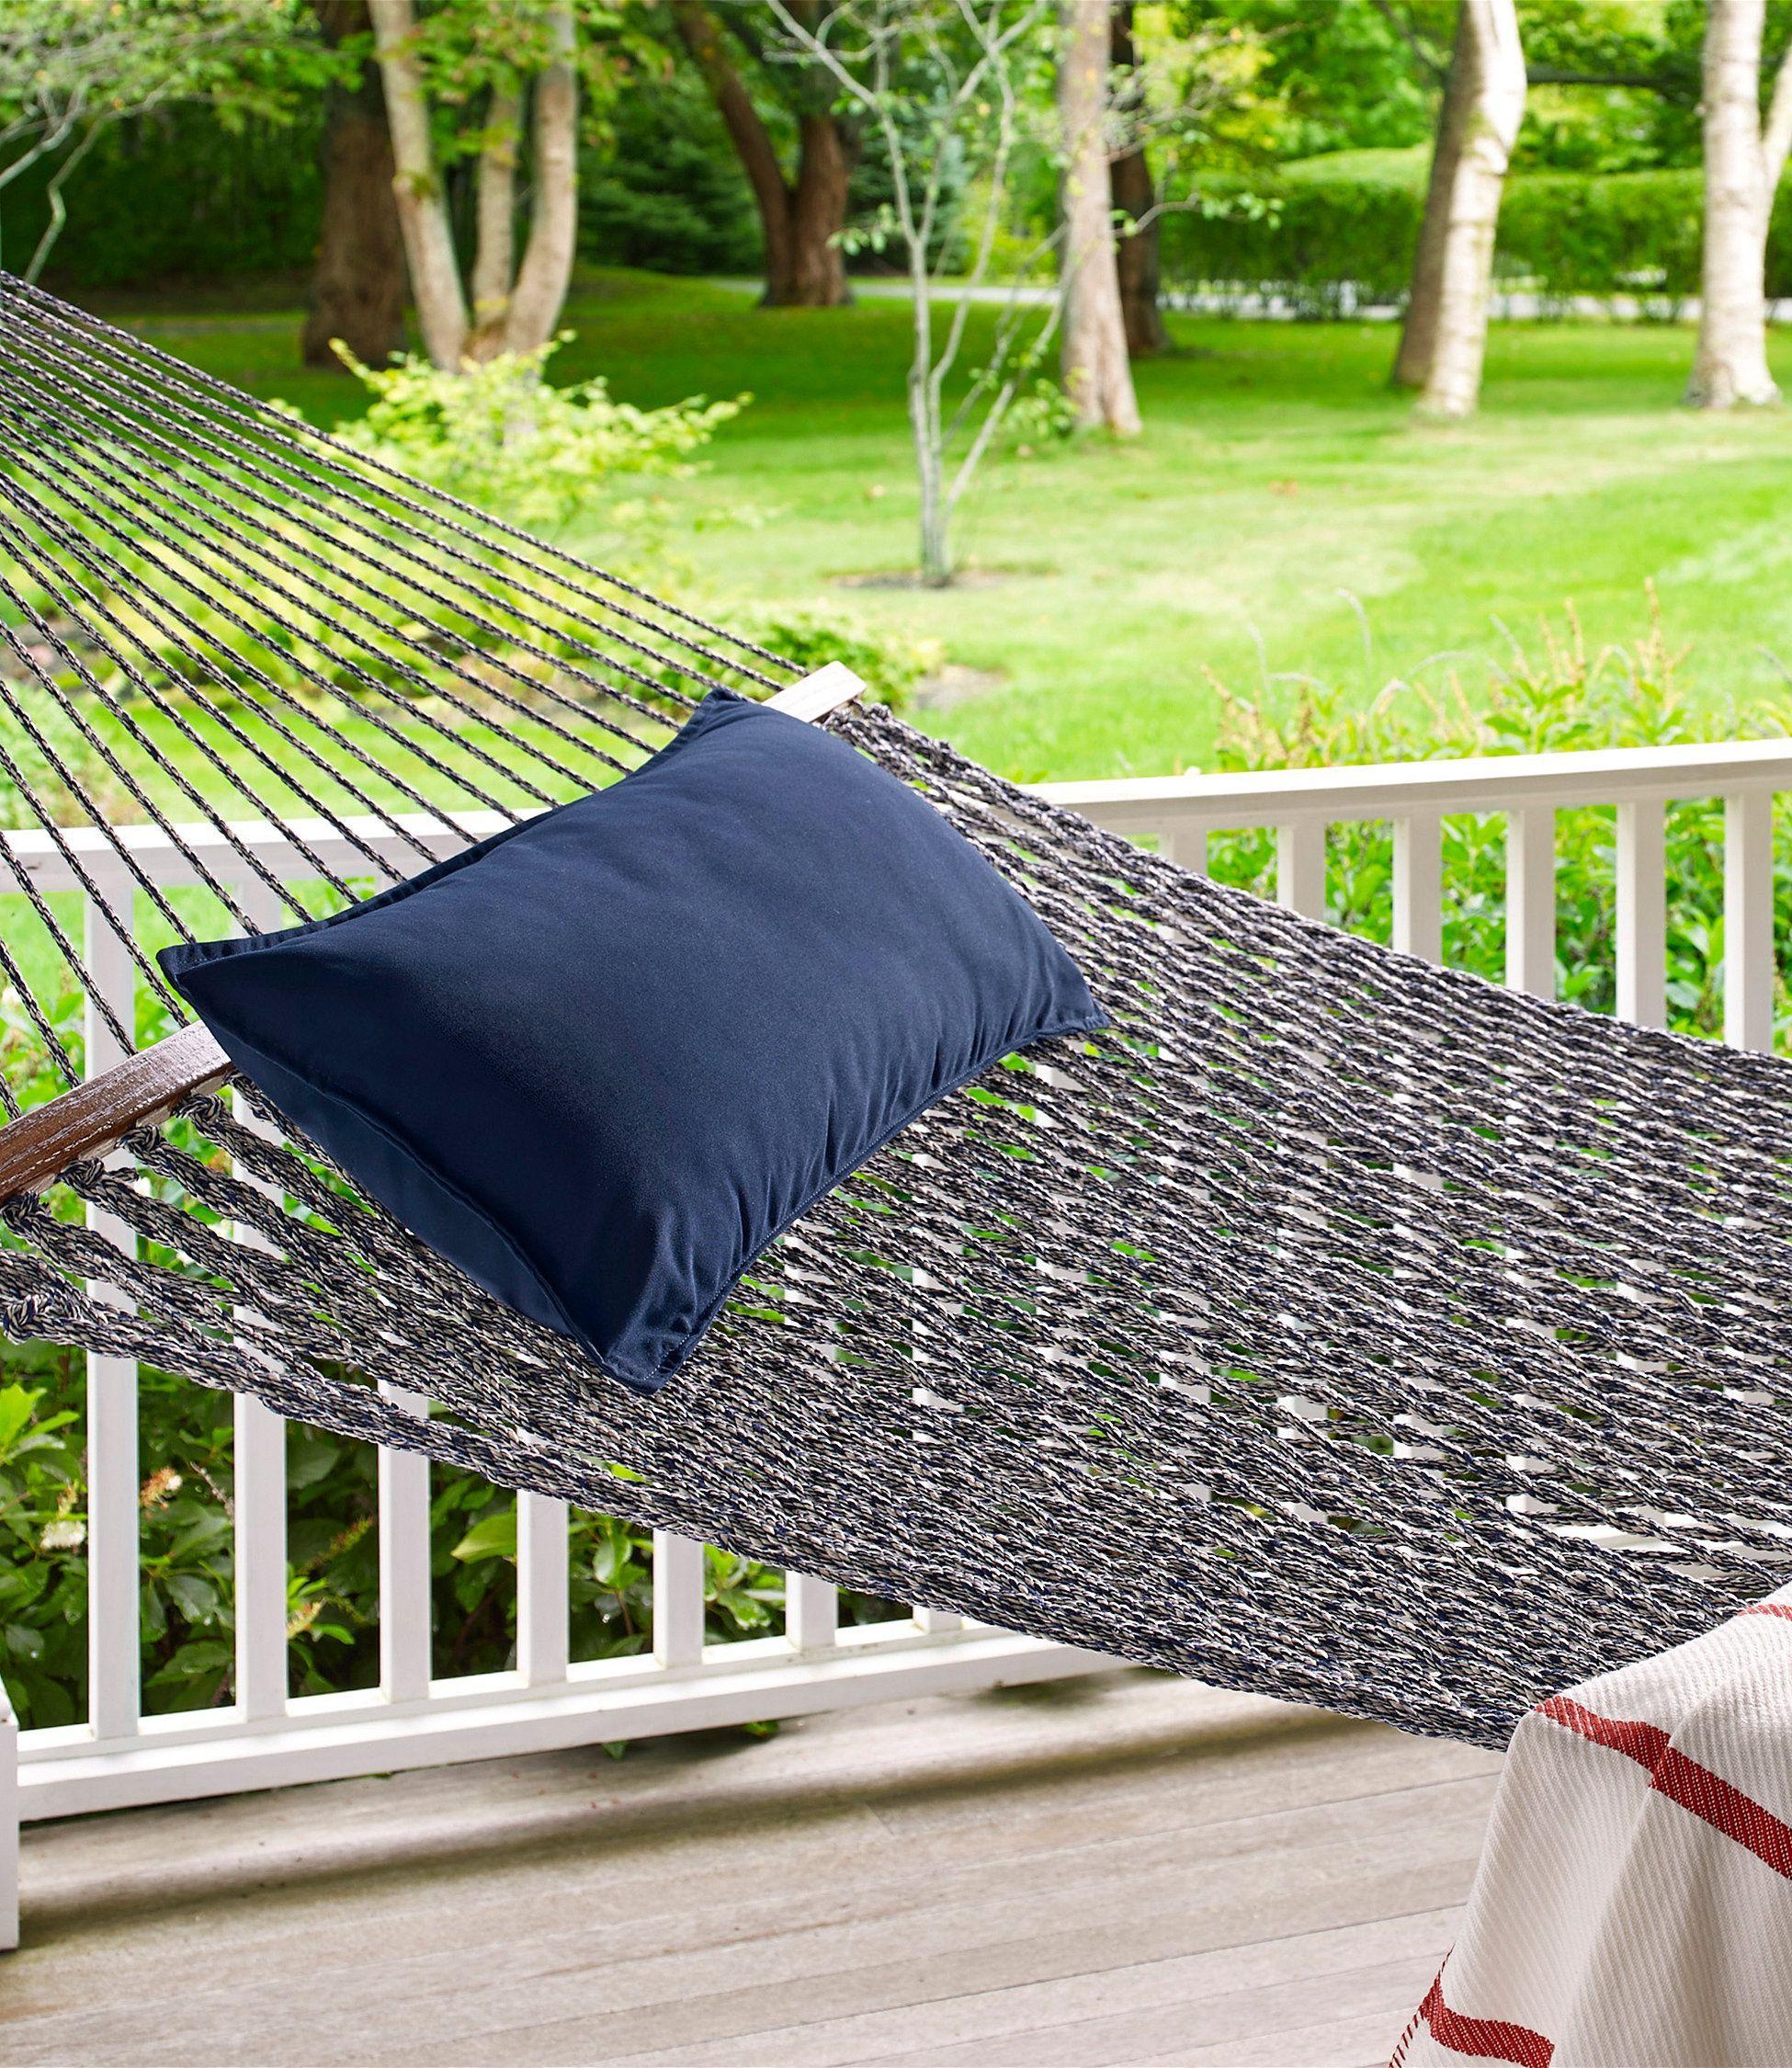 Backyard DuraCord Hammock, Marled Hammock, Outdoor